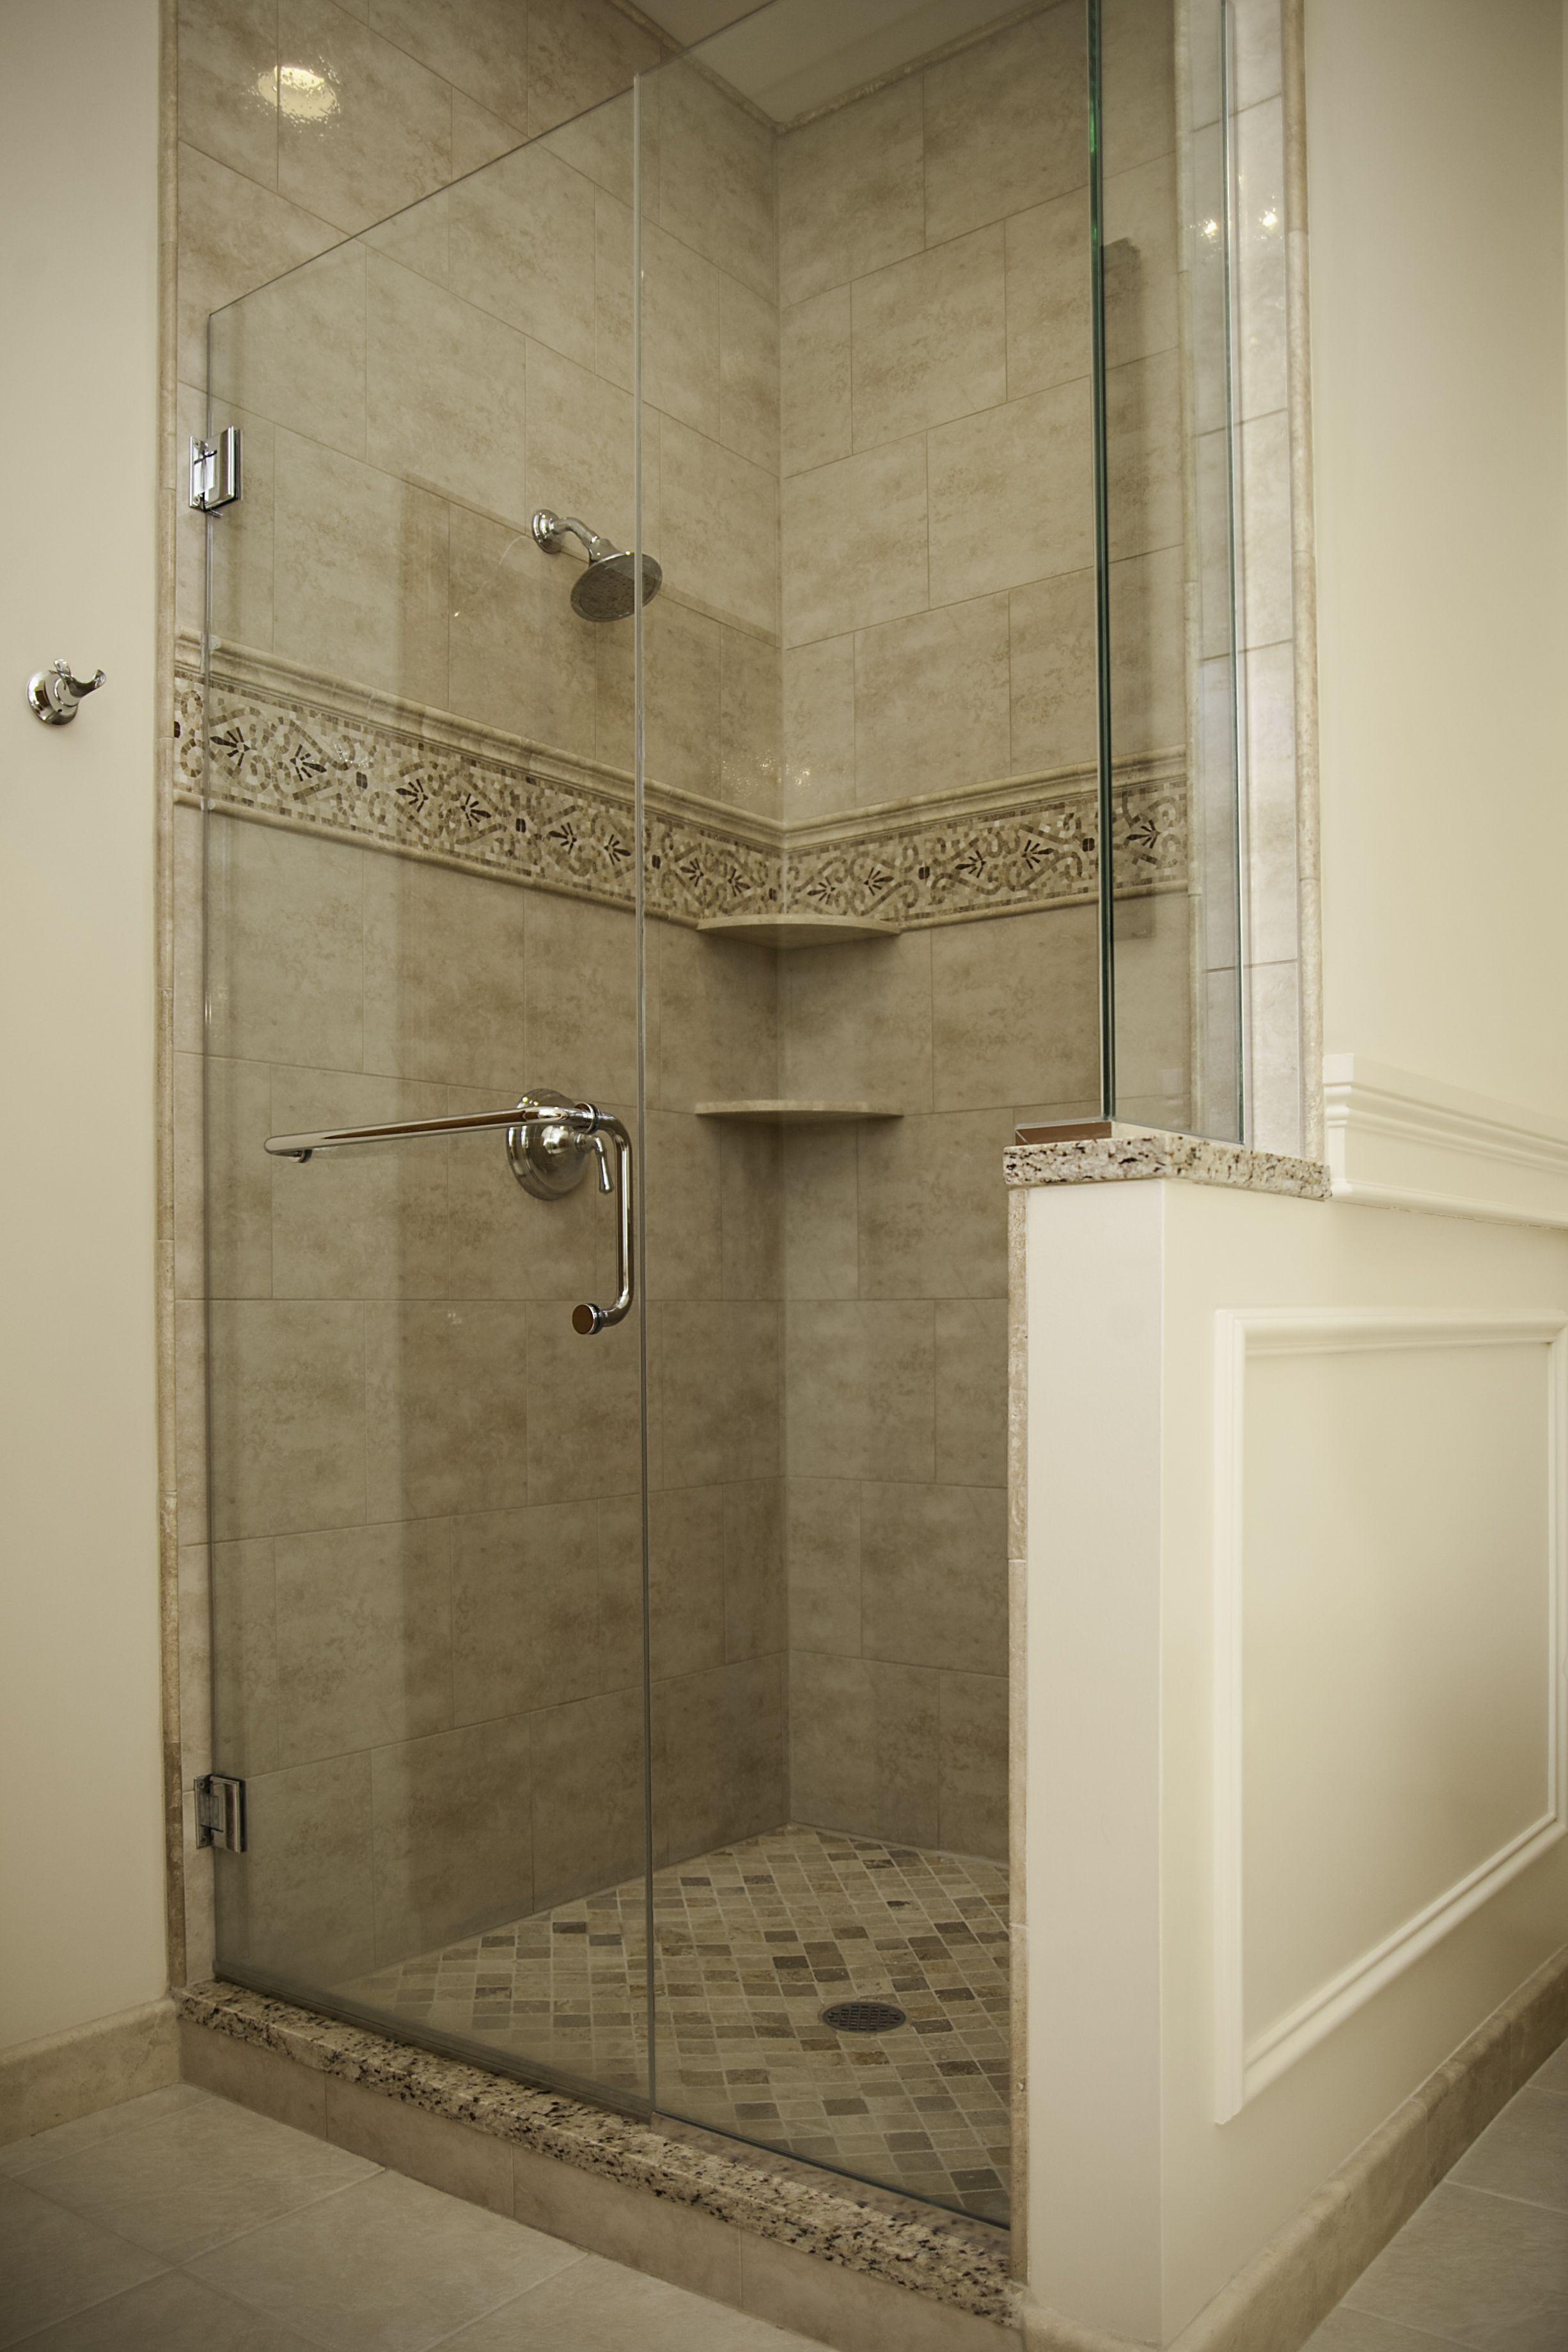 R R In Naperville Enlarged Customer Shower Glass Frameless